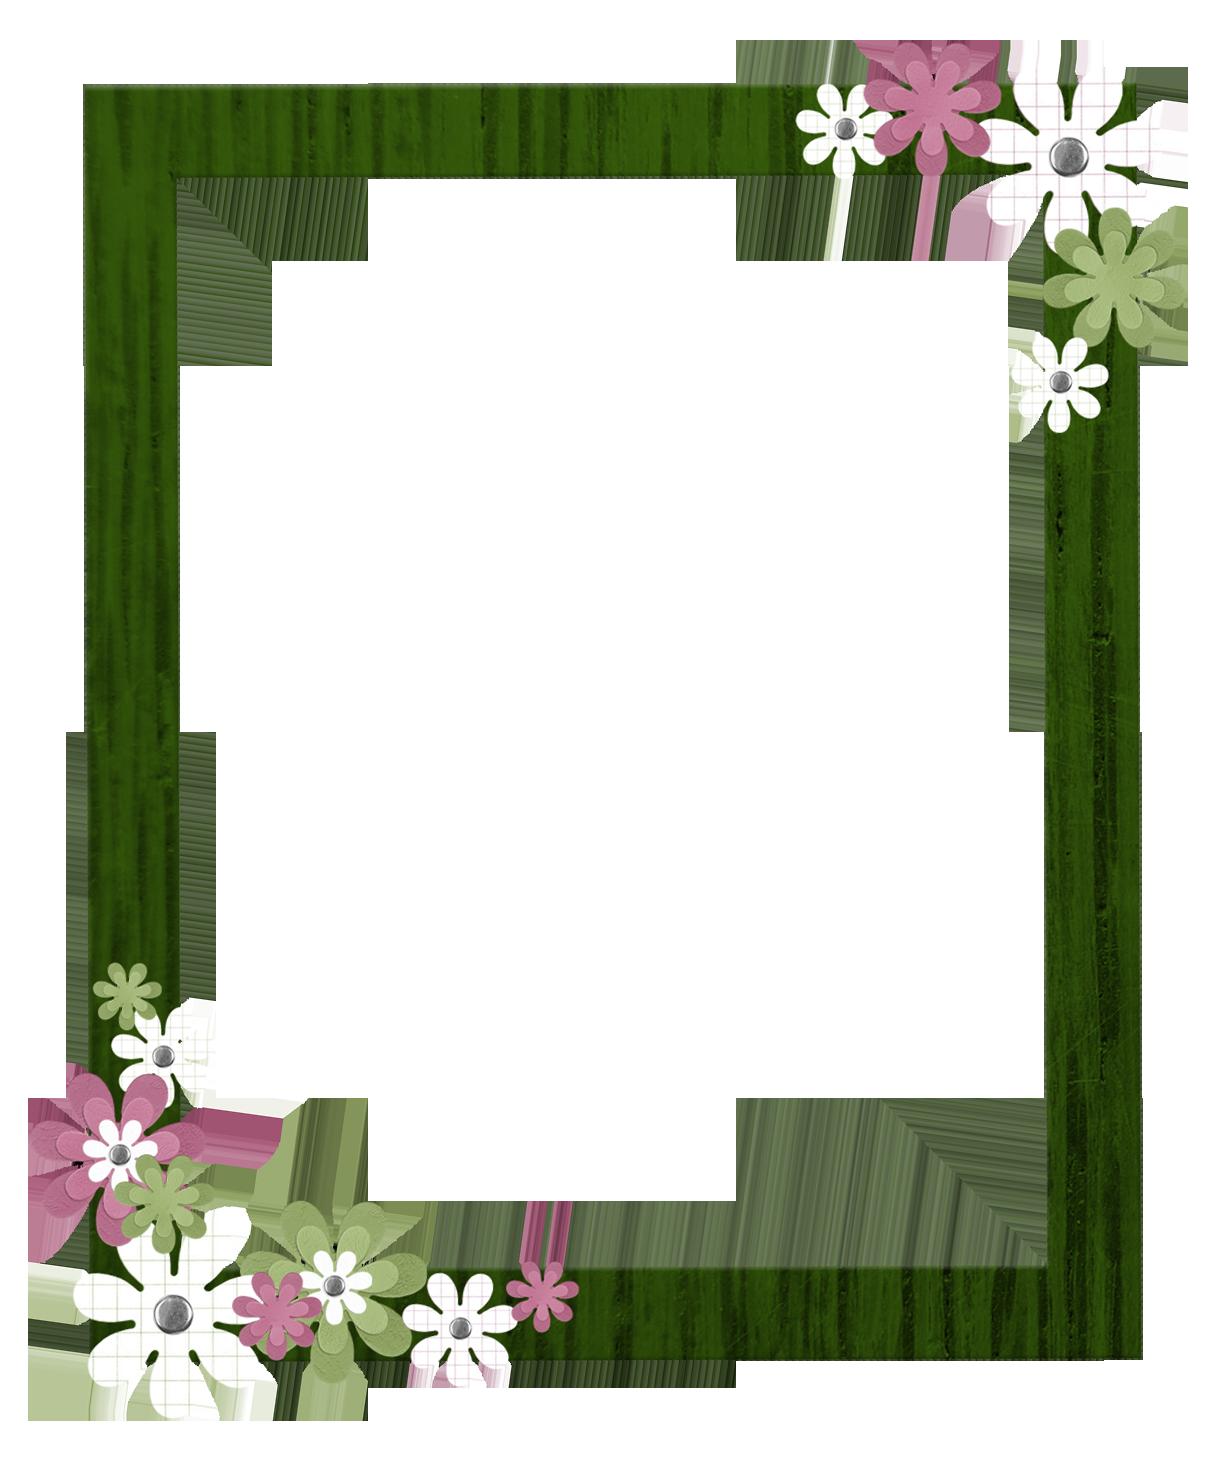 Clipart-flower borders and frames jpg freeuse Border Flowers Borders and Frames Picture Frames Clip art - flower ... jpg freeuse